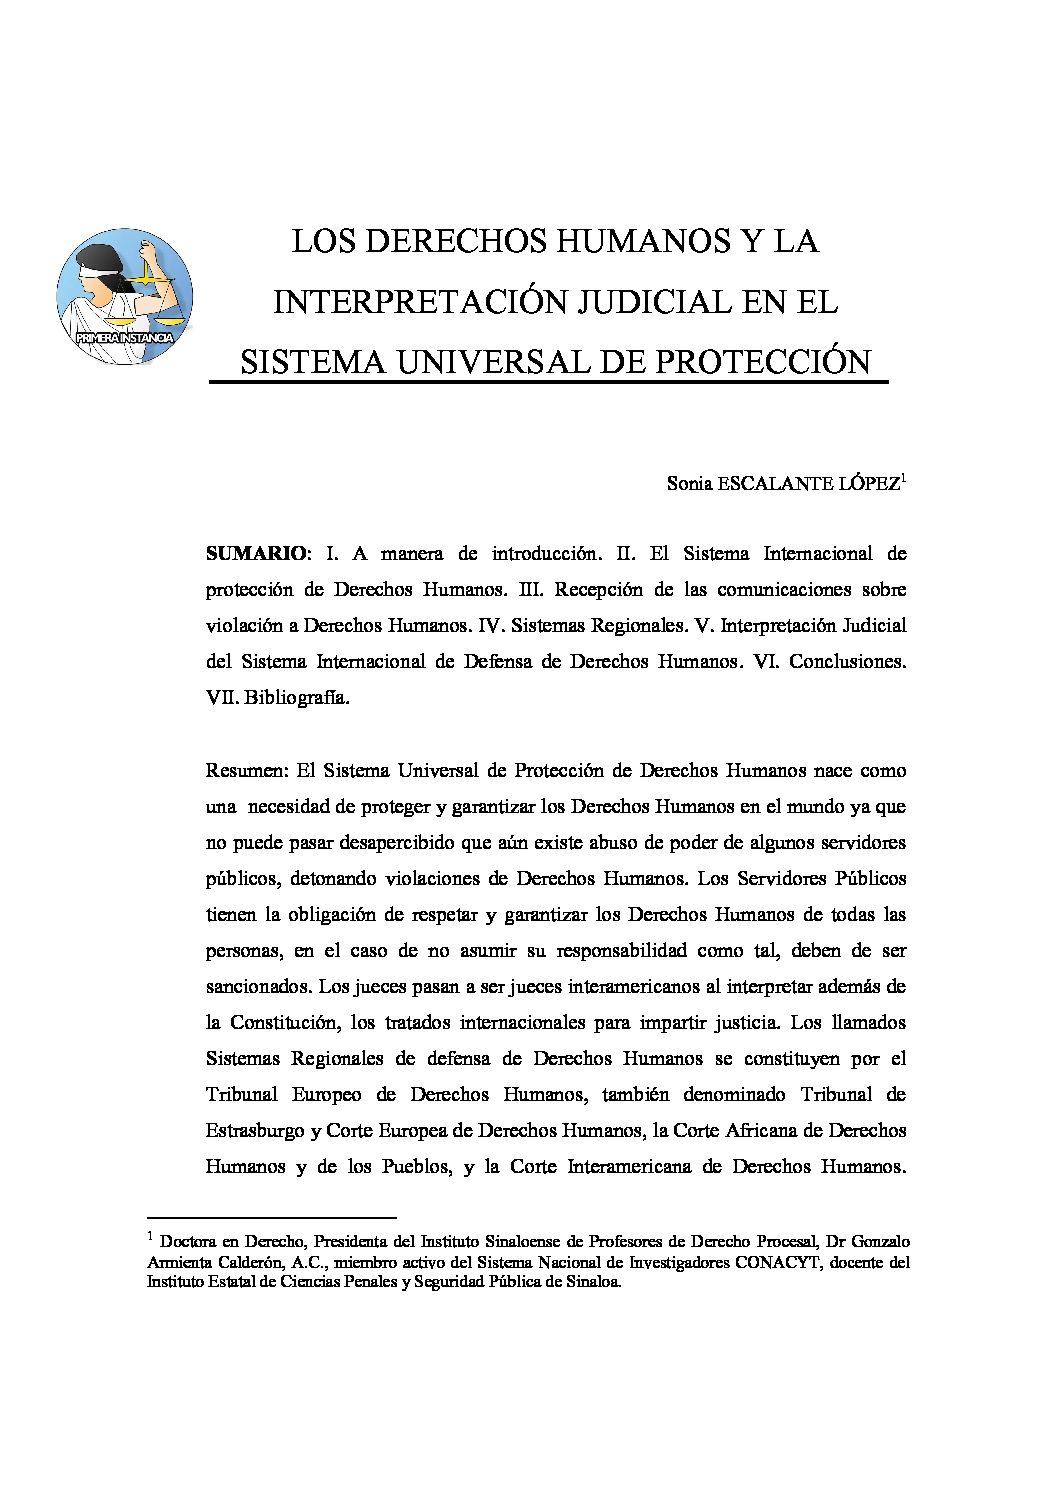 LOS DERECHOS HUMANOS Y LA INTERPRETACIÓN JUDICIAL EN EL SISTEMA UNIVERSAL DE PROTECCIÓN, Sonia Escalante López